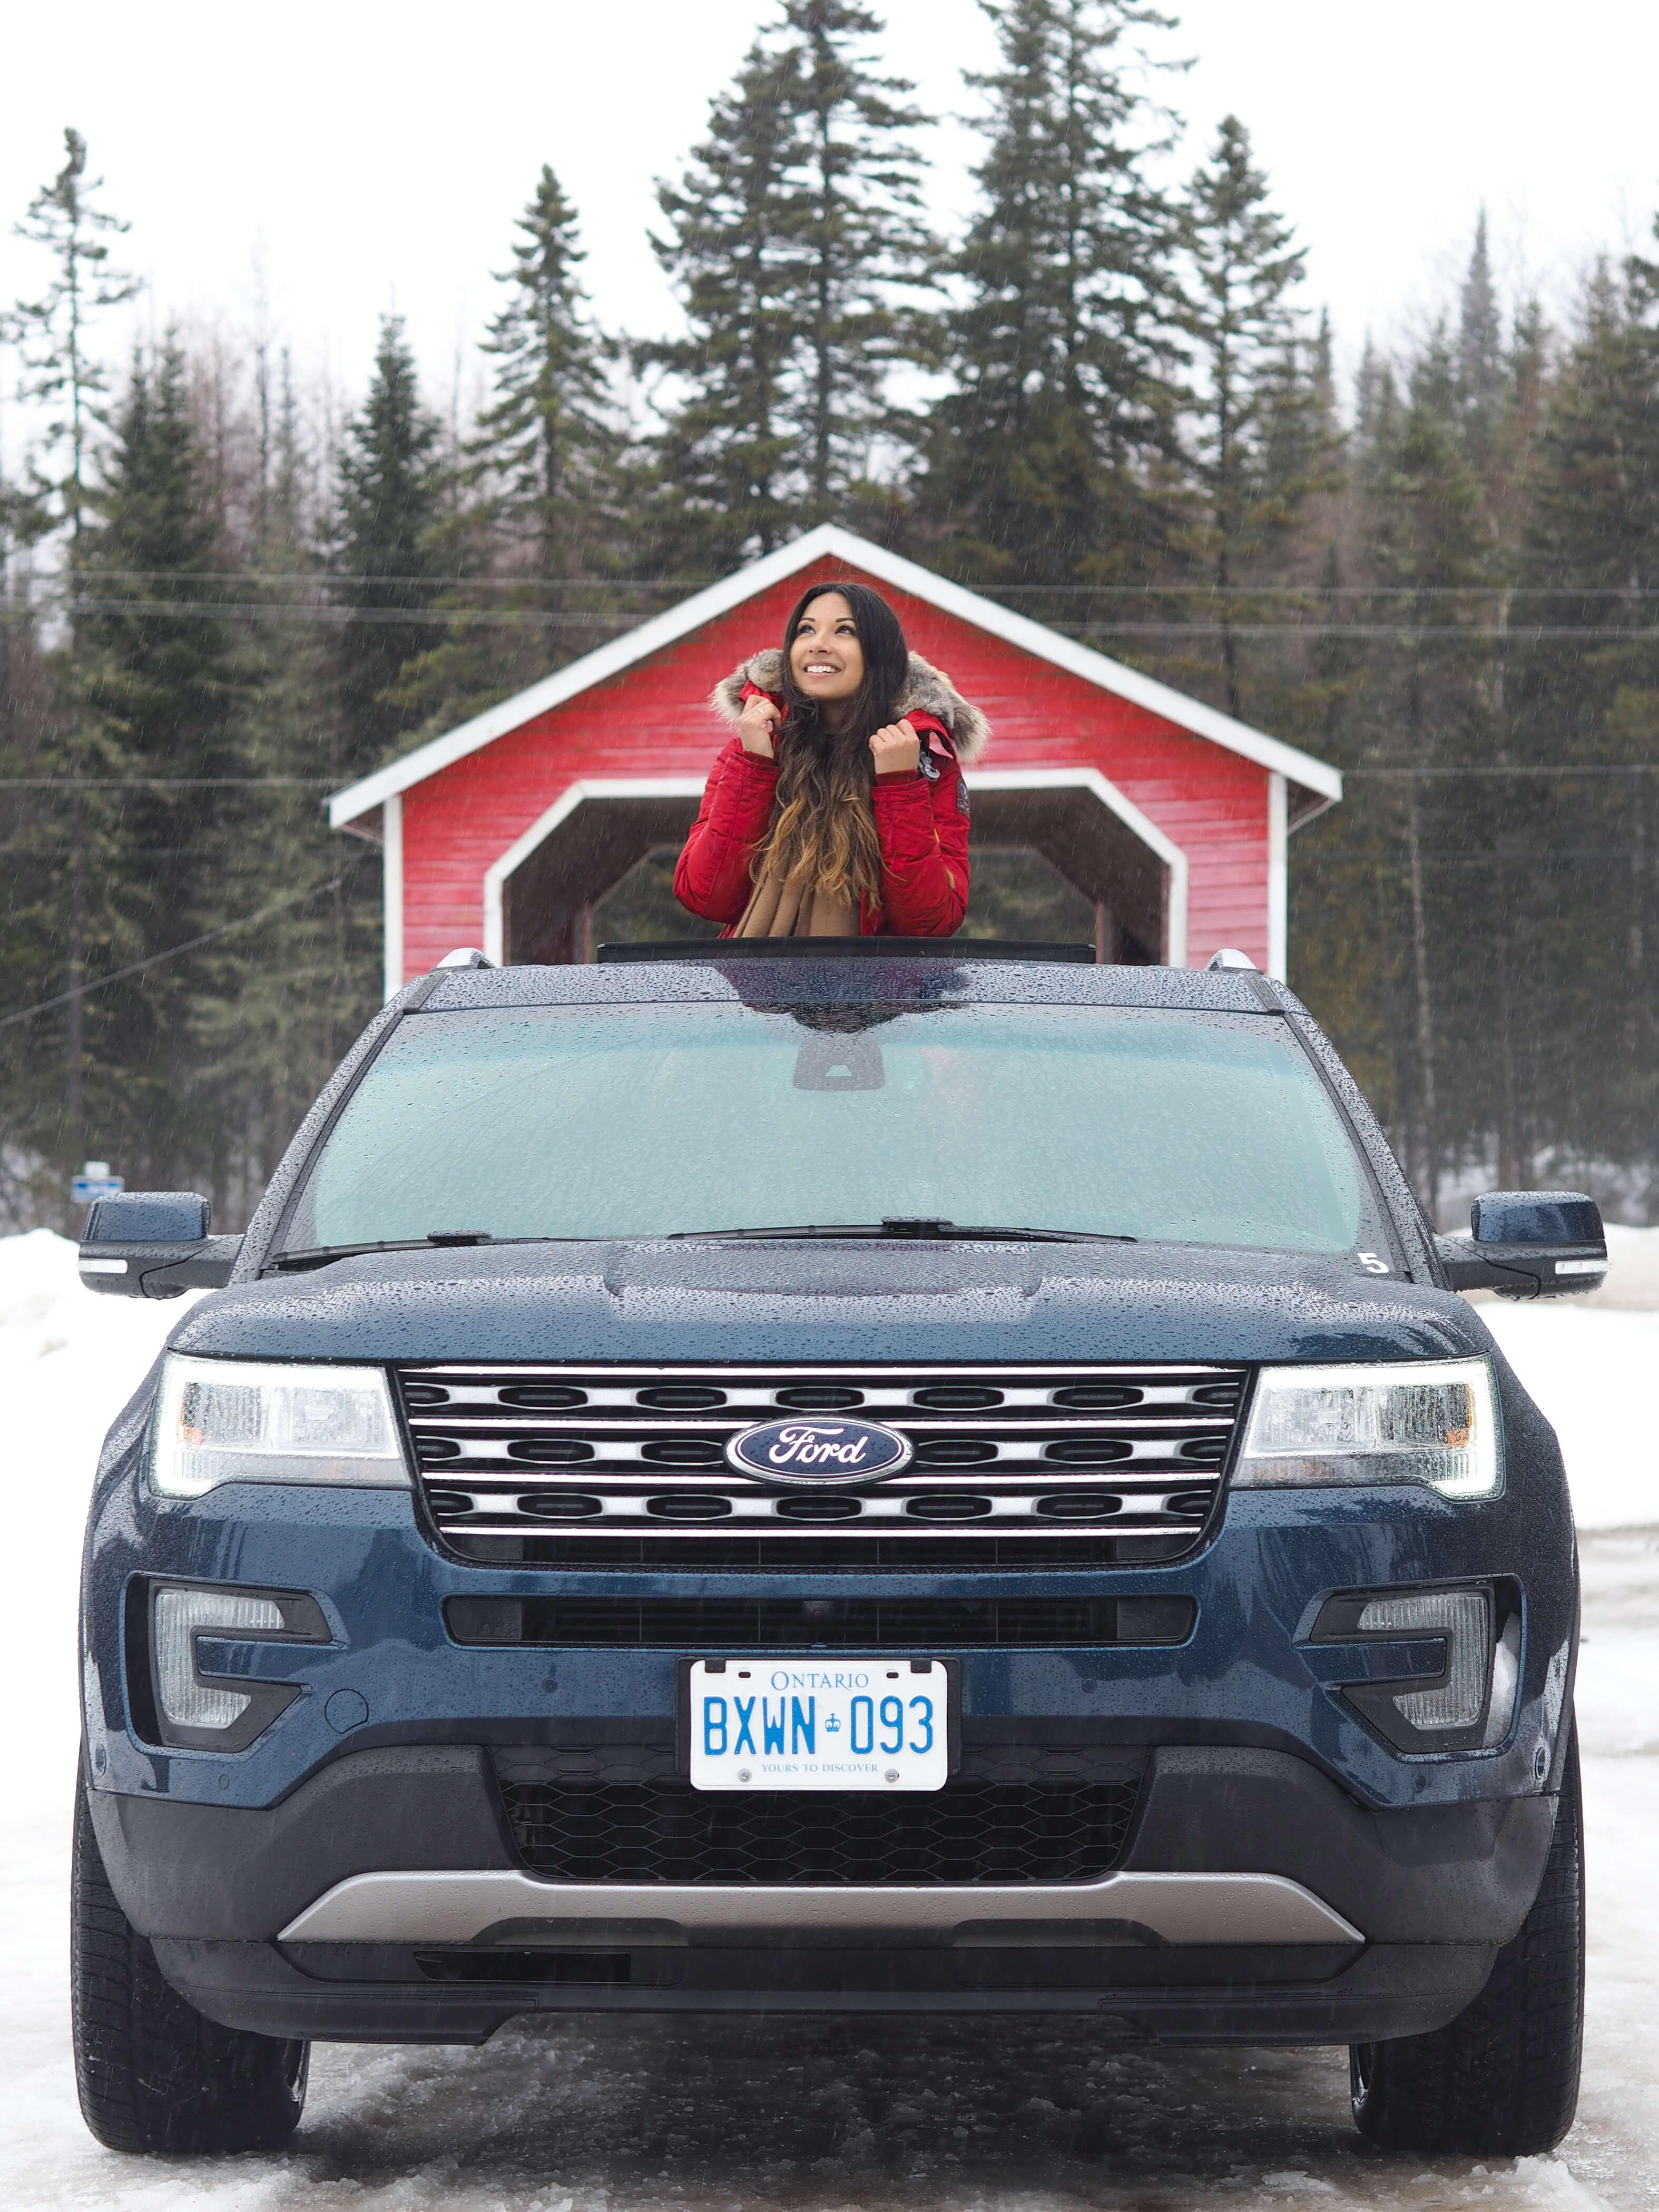 Quebec Ford Canada